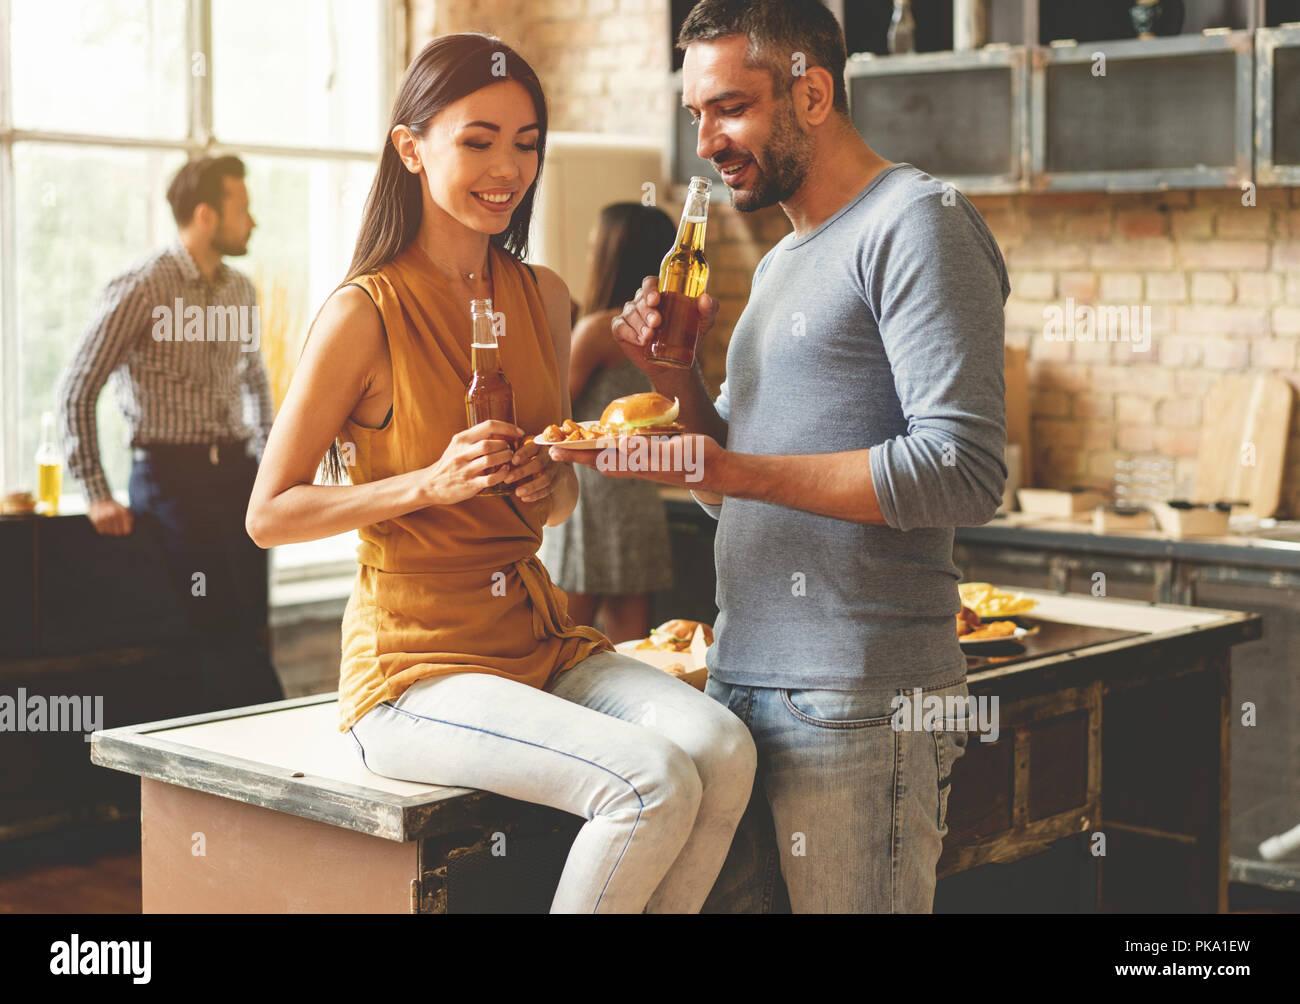 Partido con mejores amigos. Grupo de alegres jóvenes disfrutando de Casa Fiesta con aperitivos y bebidas mientras se comunican en la cocina. Imagen De Stock